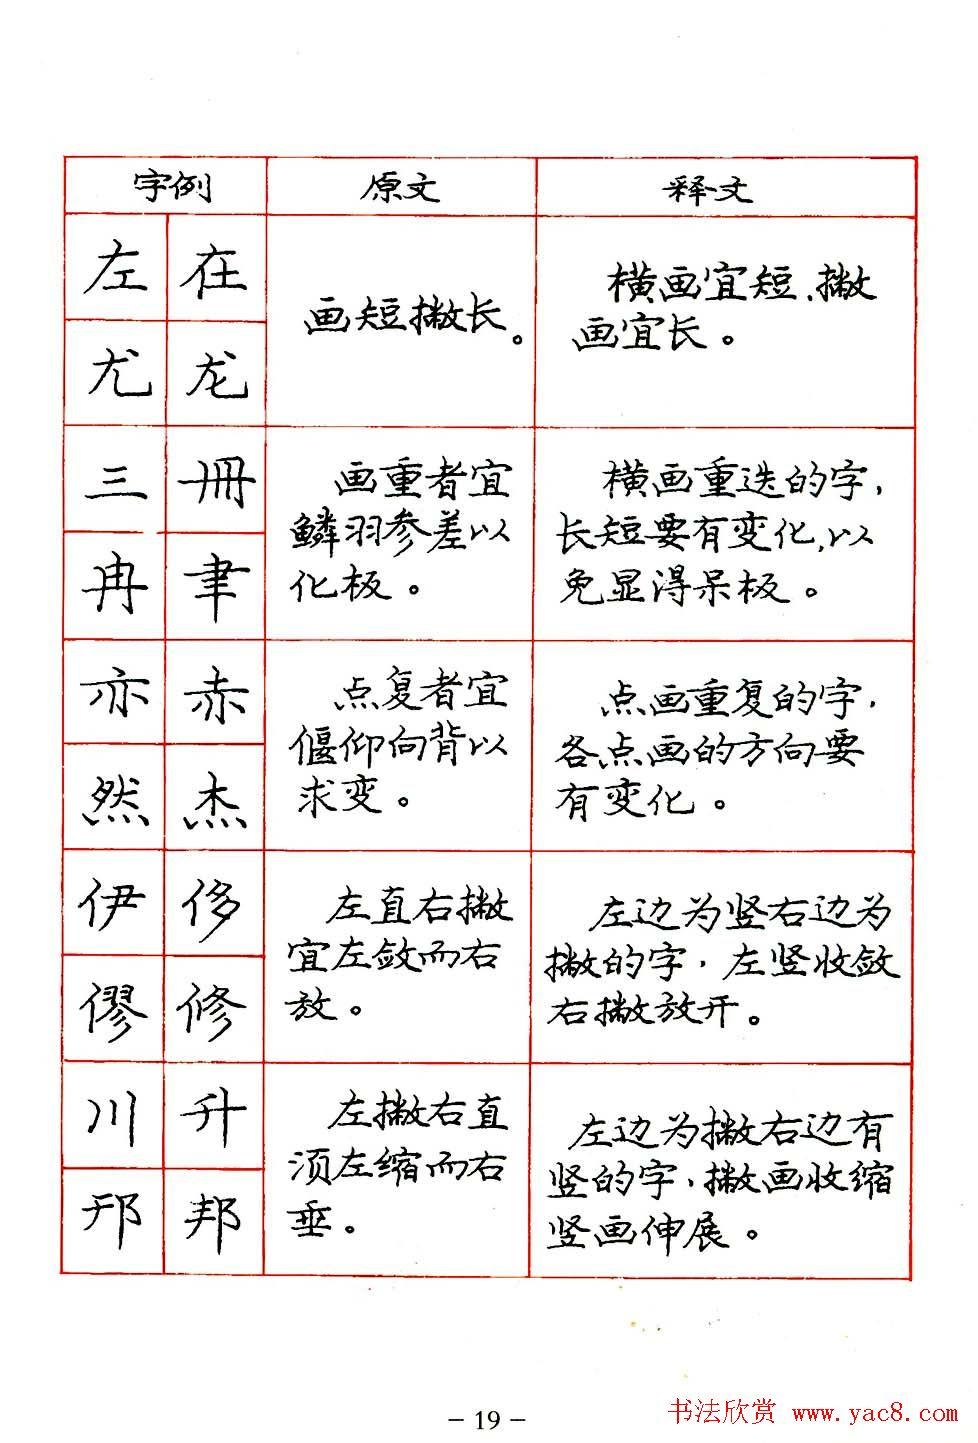 庞中华楷书规范字帖下载.pdf(19)